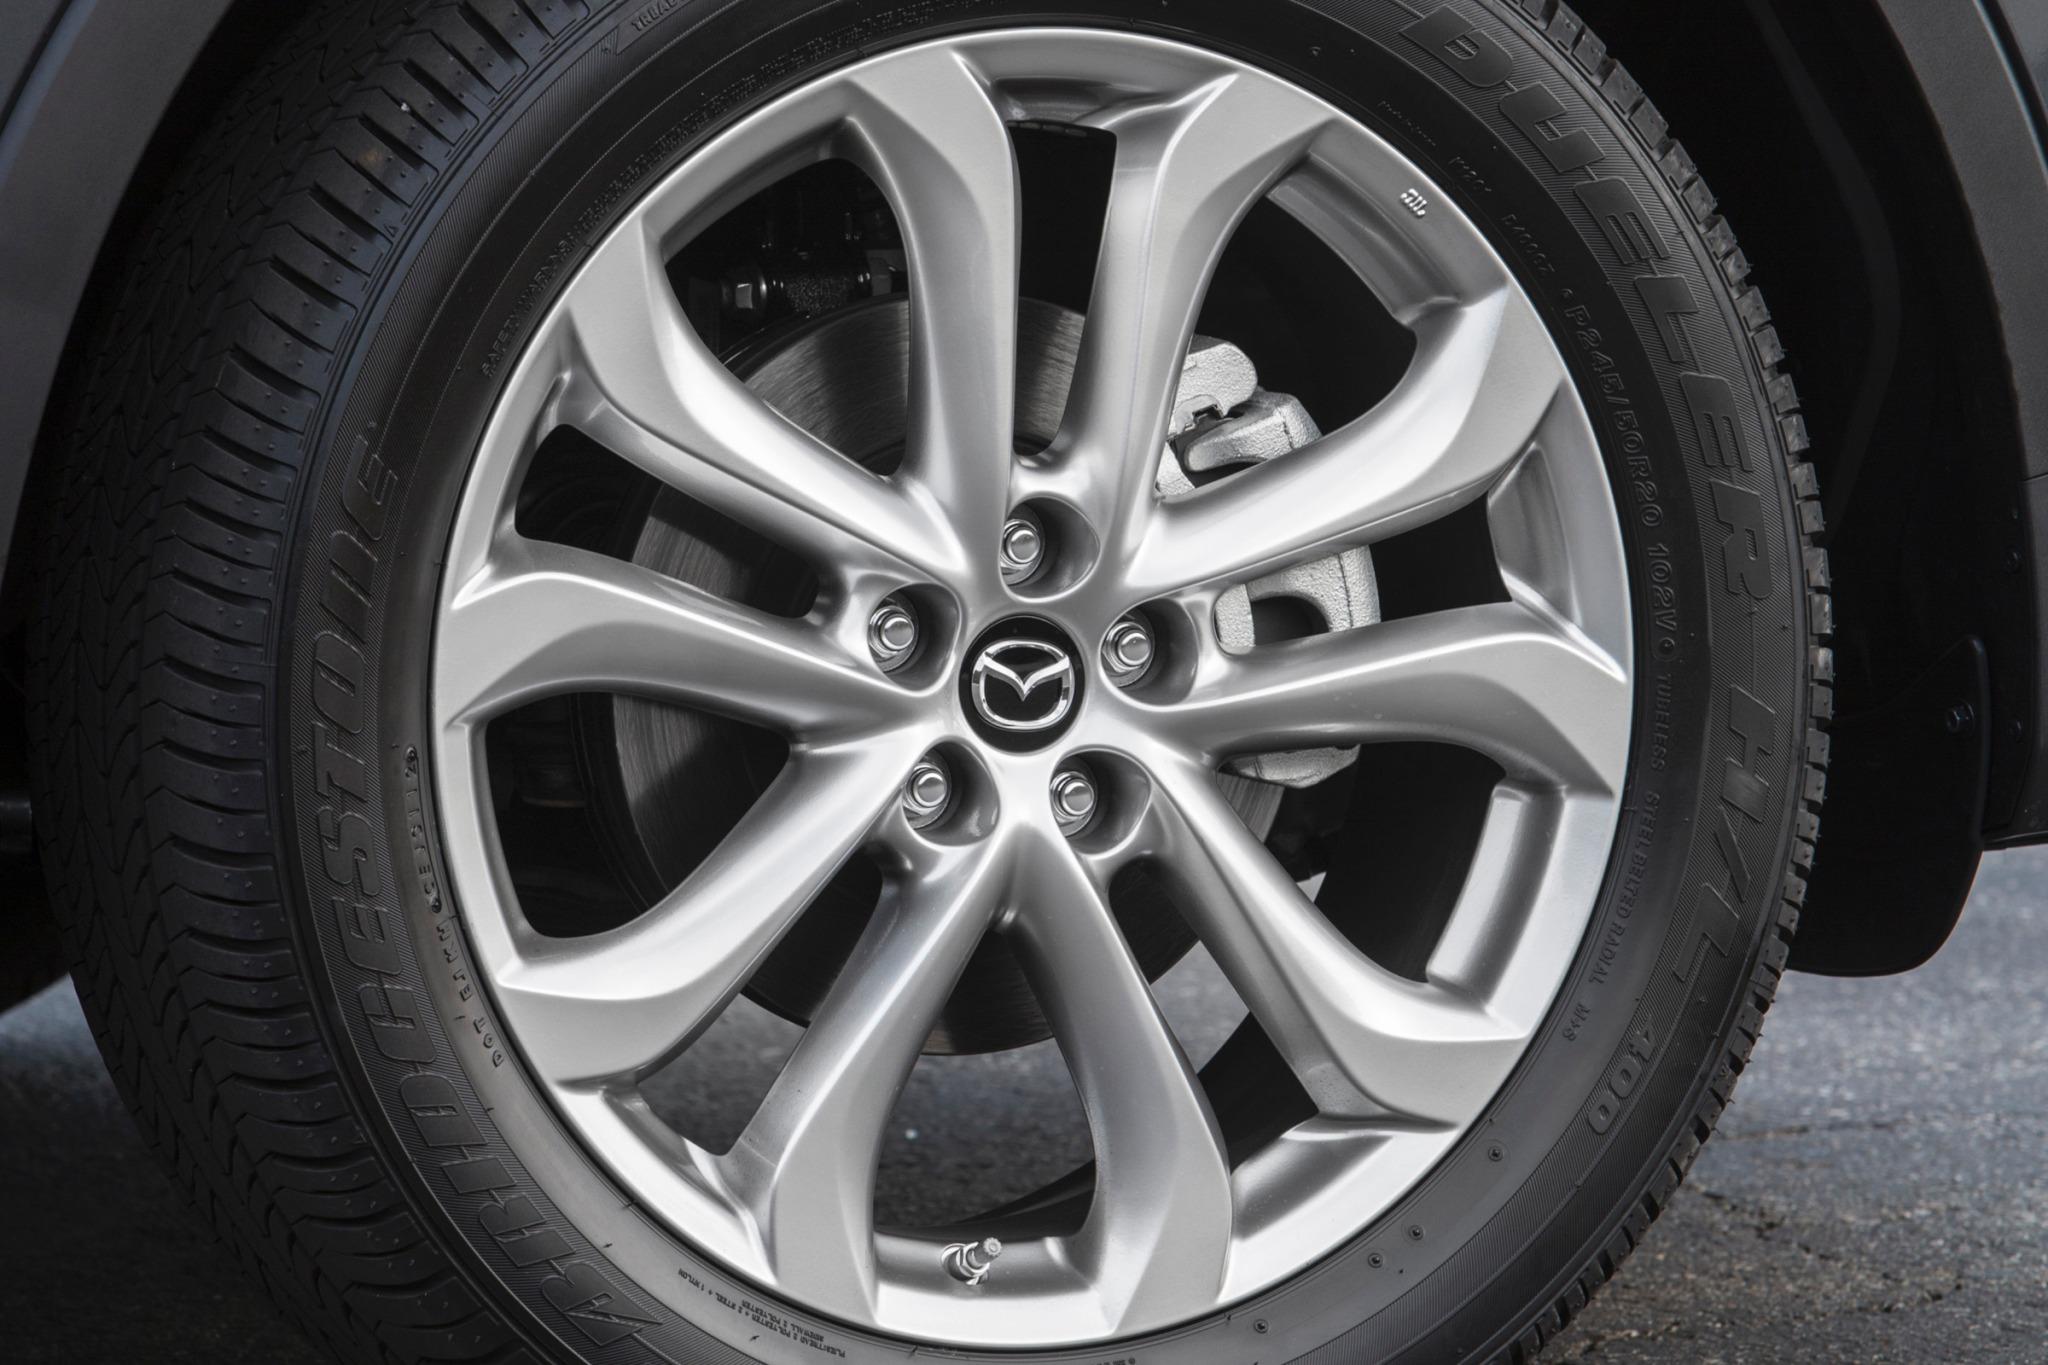 2014 Mazda Cx 9 Image 7